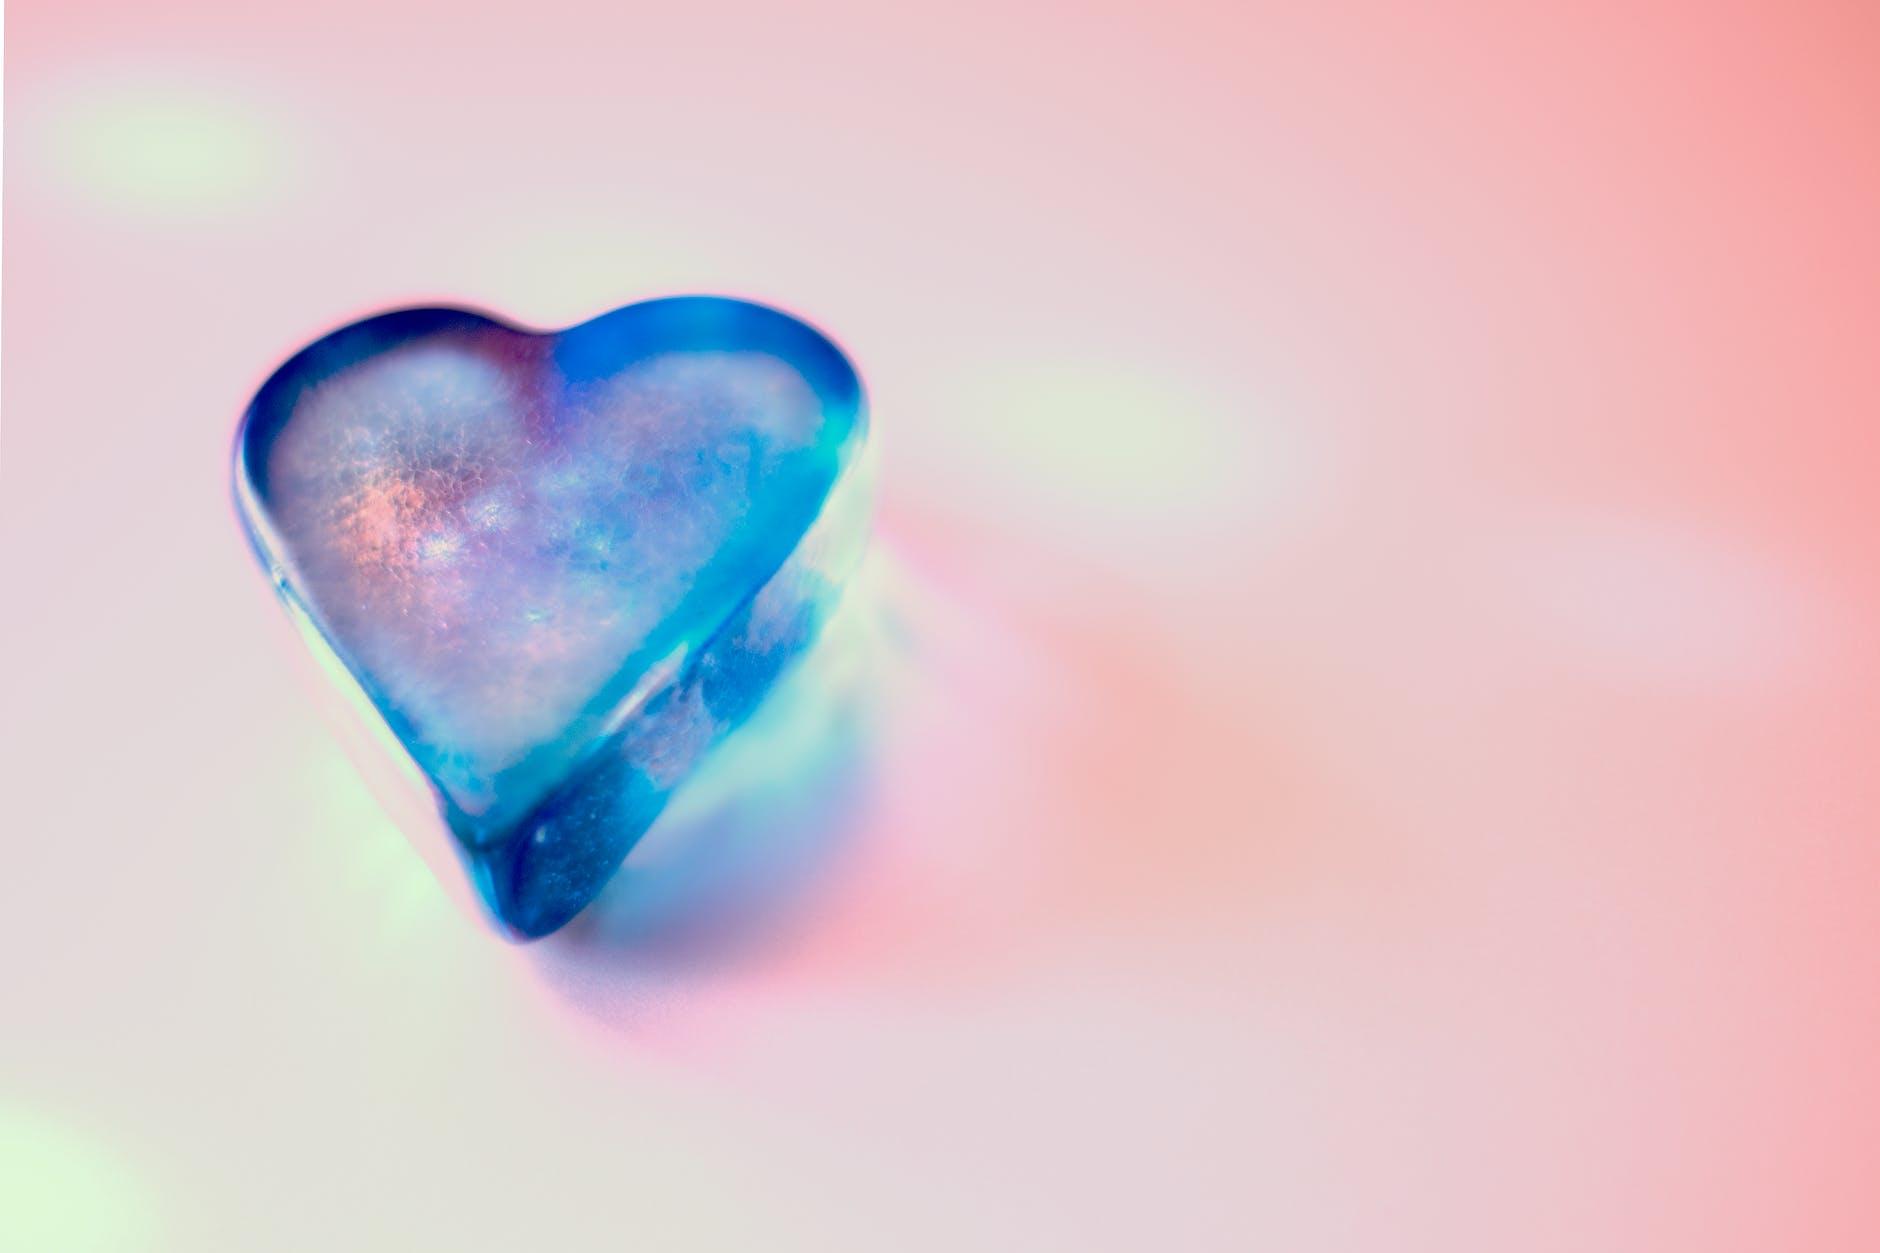 blue glass heart pebble